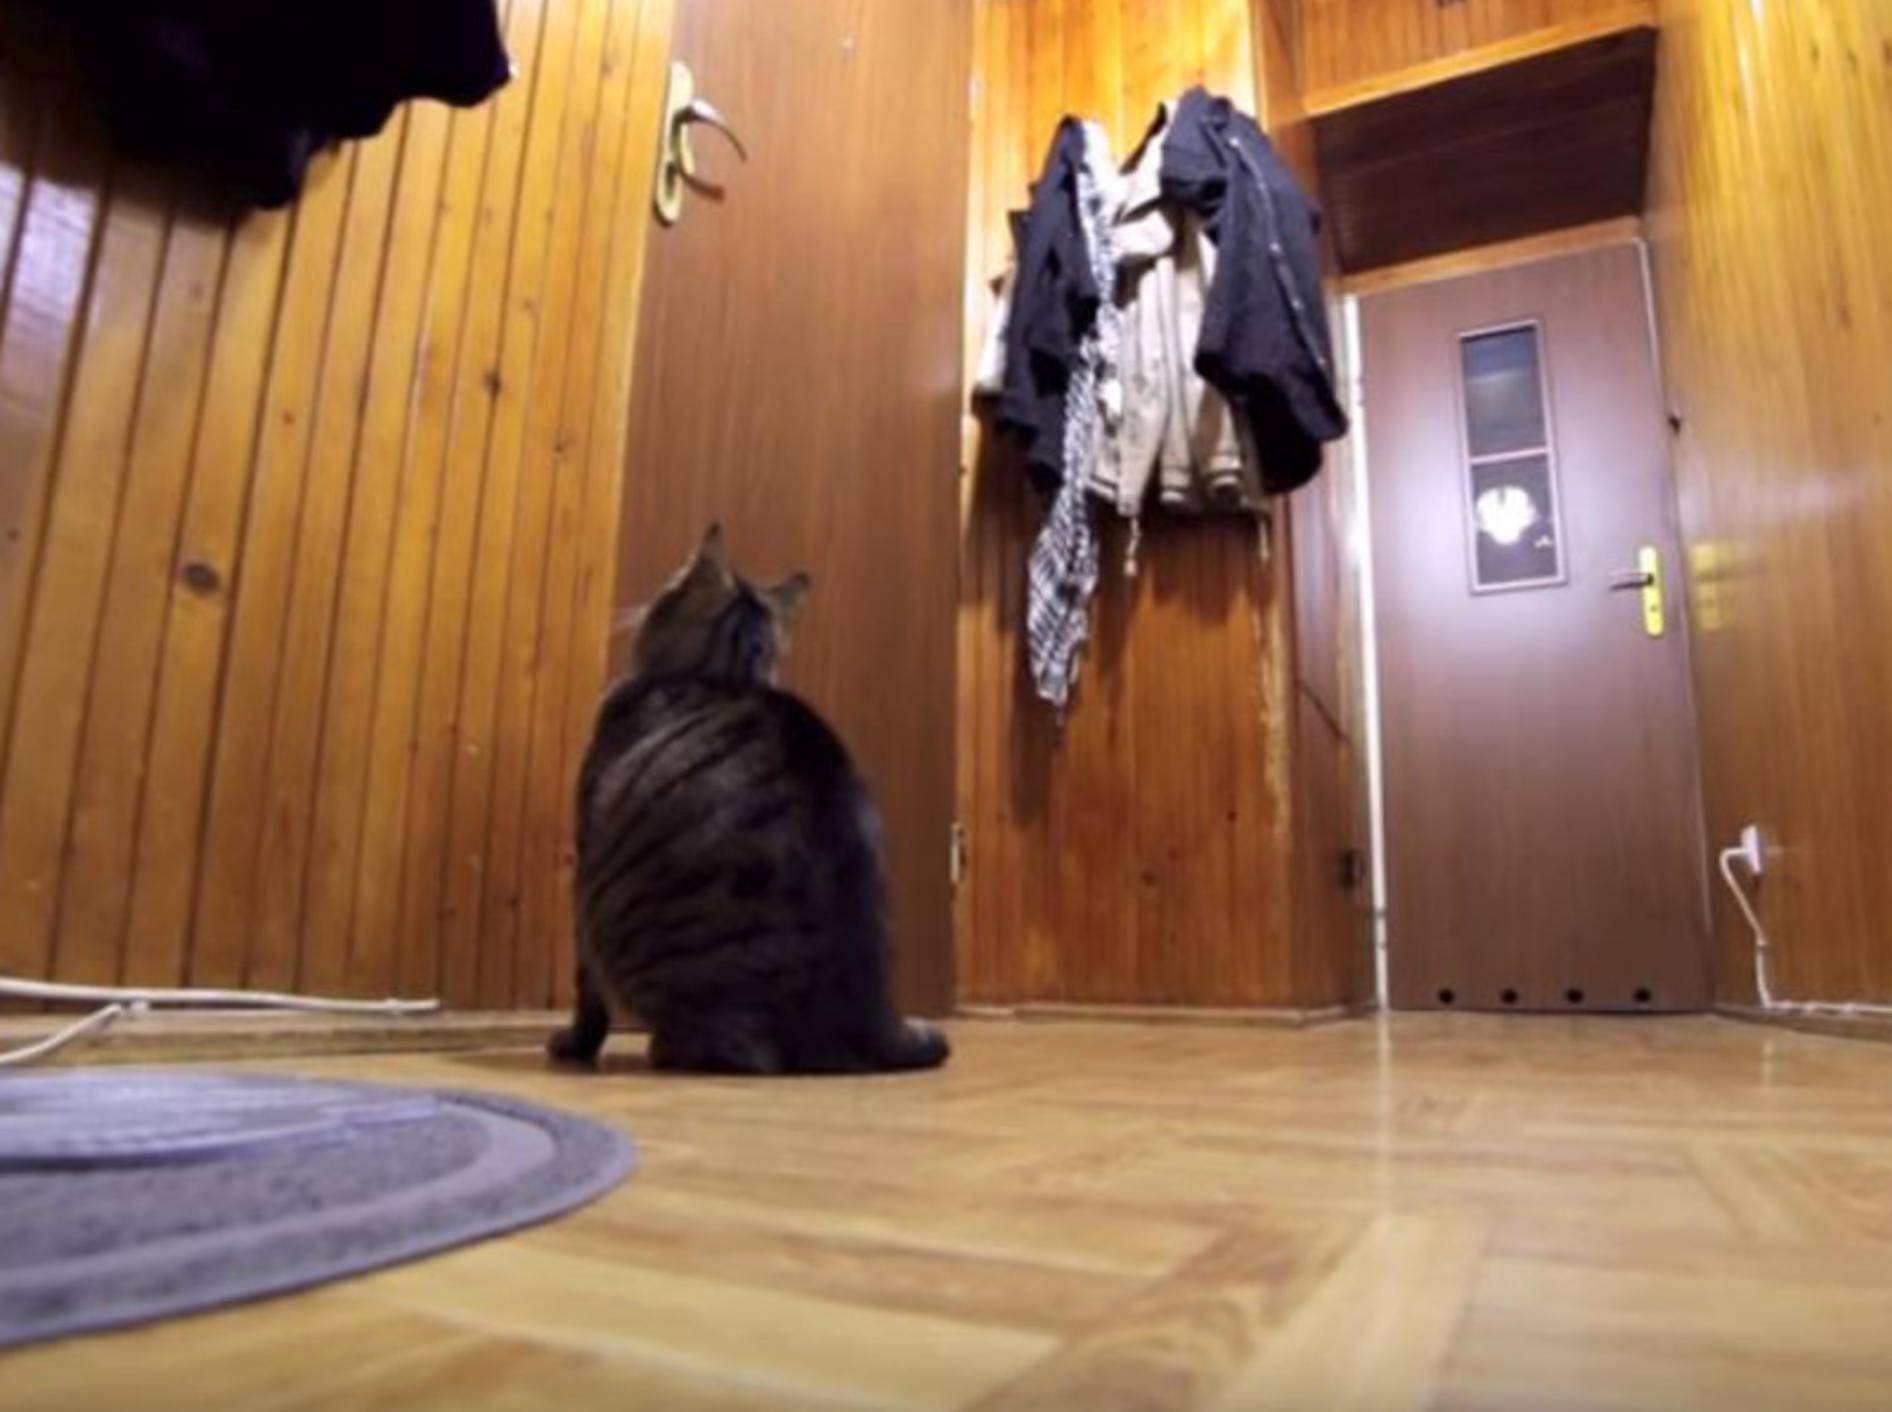 Diese Katze kann es kaum erwarten, dass Herrchen wieder nach Hause kommt - Bild: YouTube / Krzysztof Smeijlis